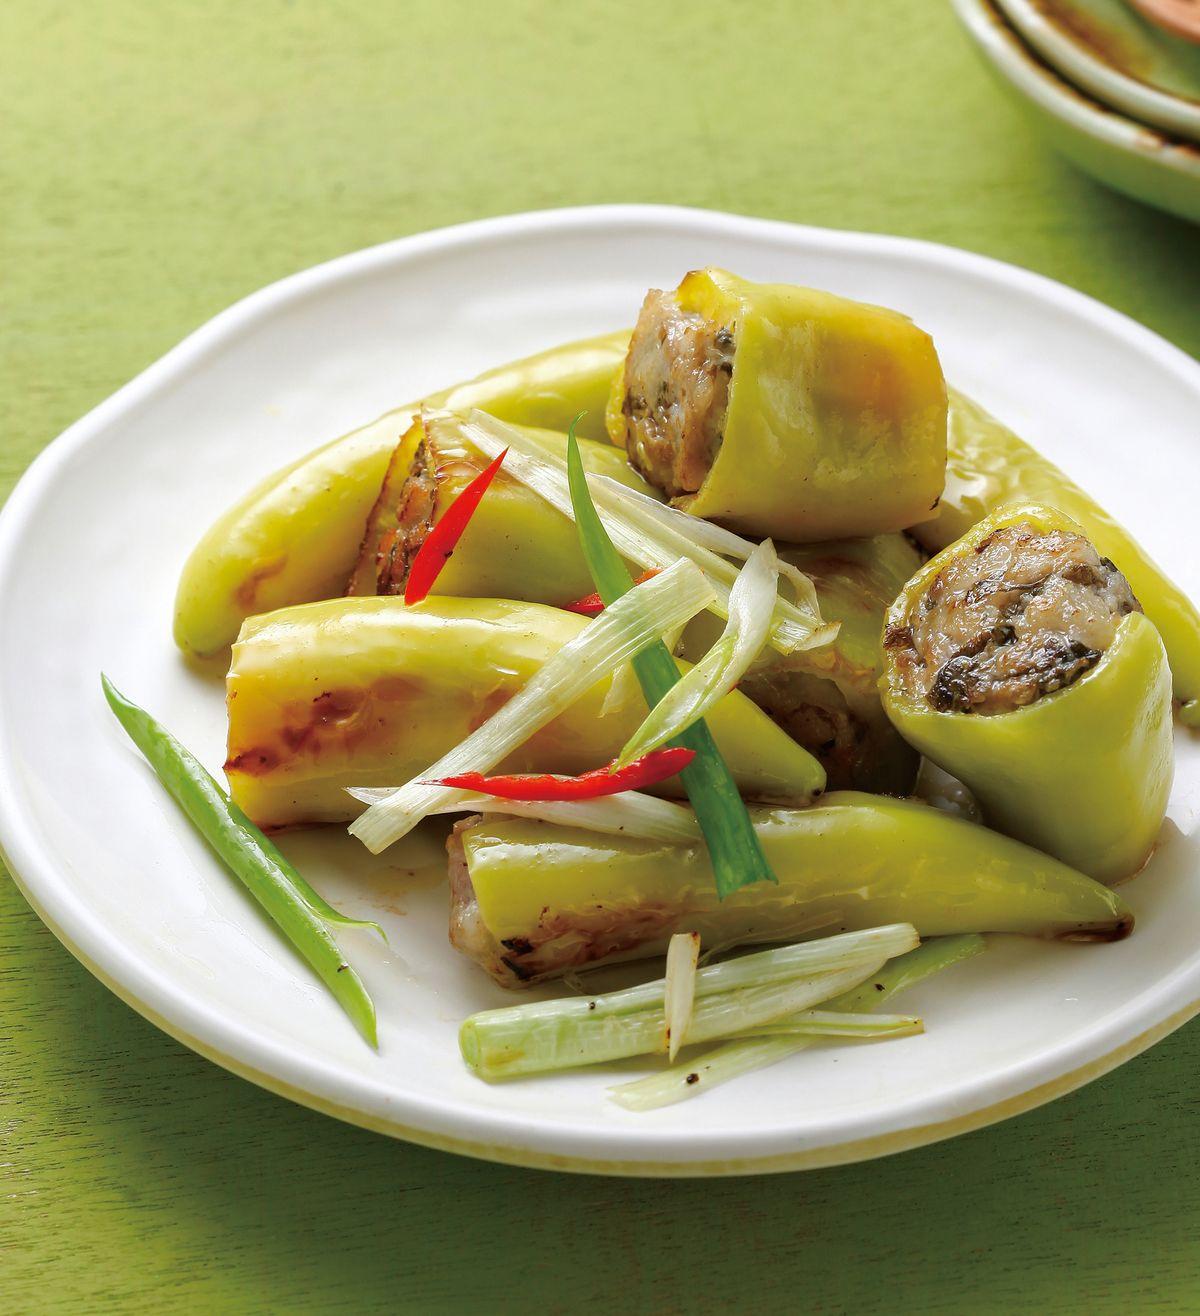 食譜:翡翠椒鑲肉